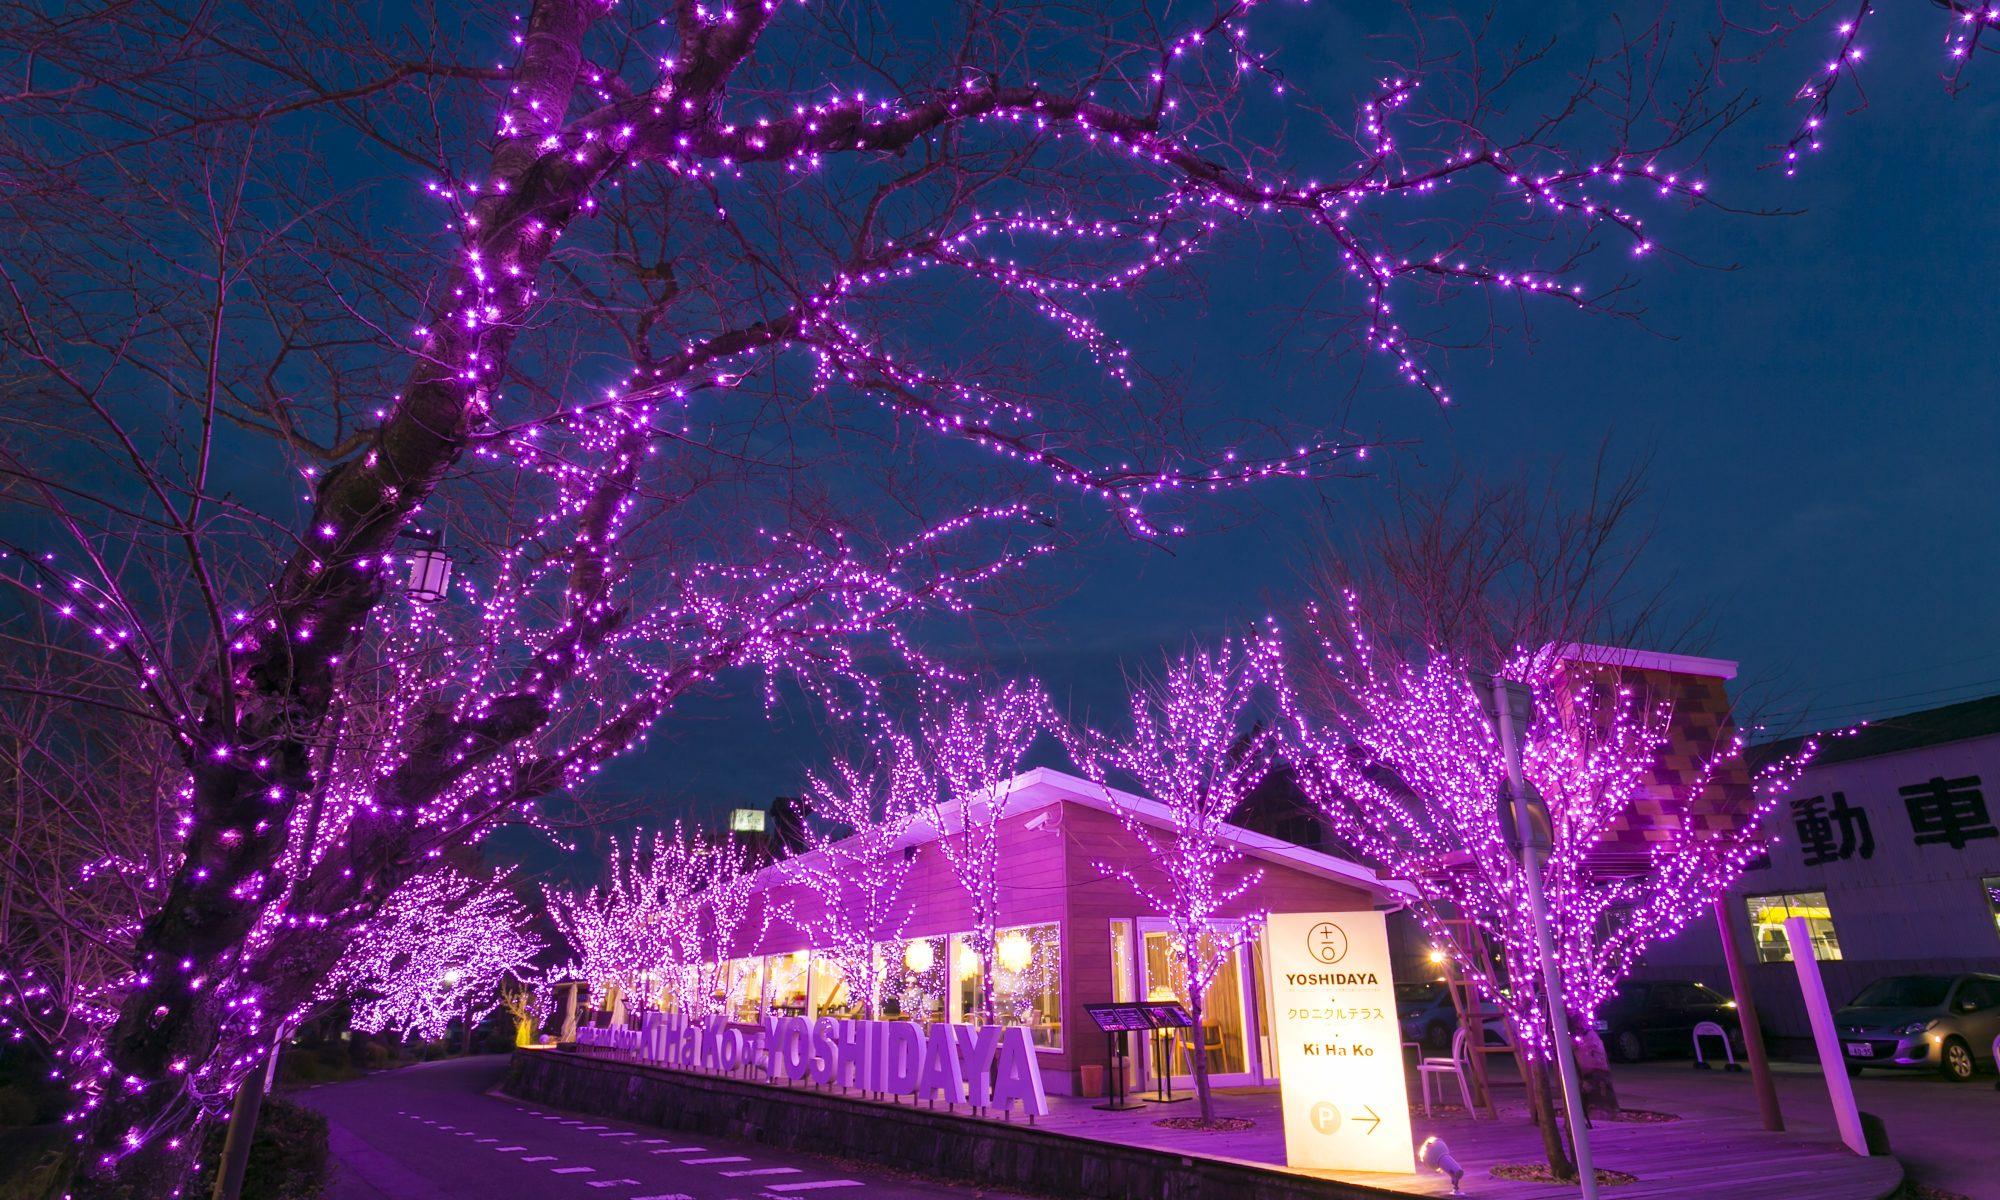 夏桜(桜イルミネーションのお知らせ)